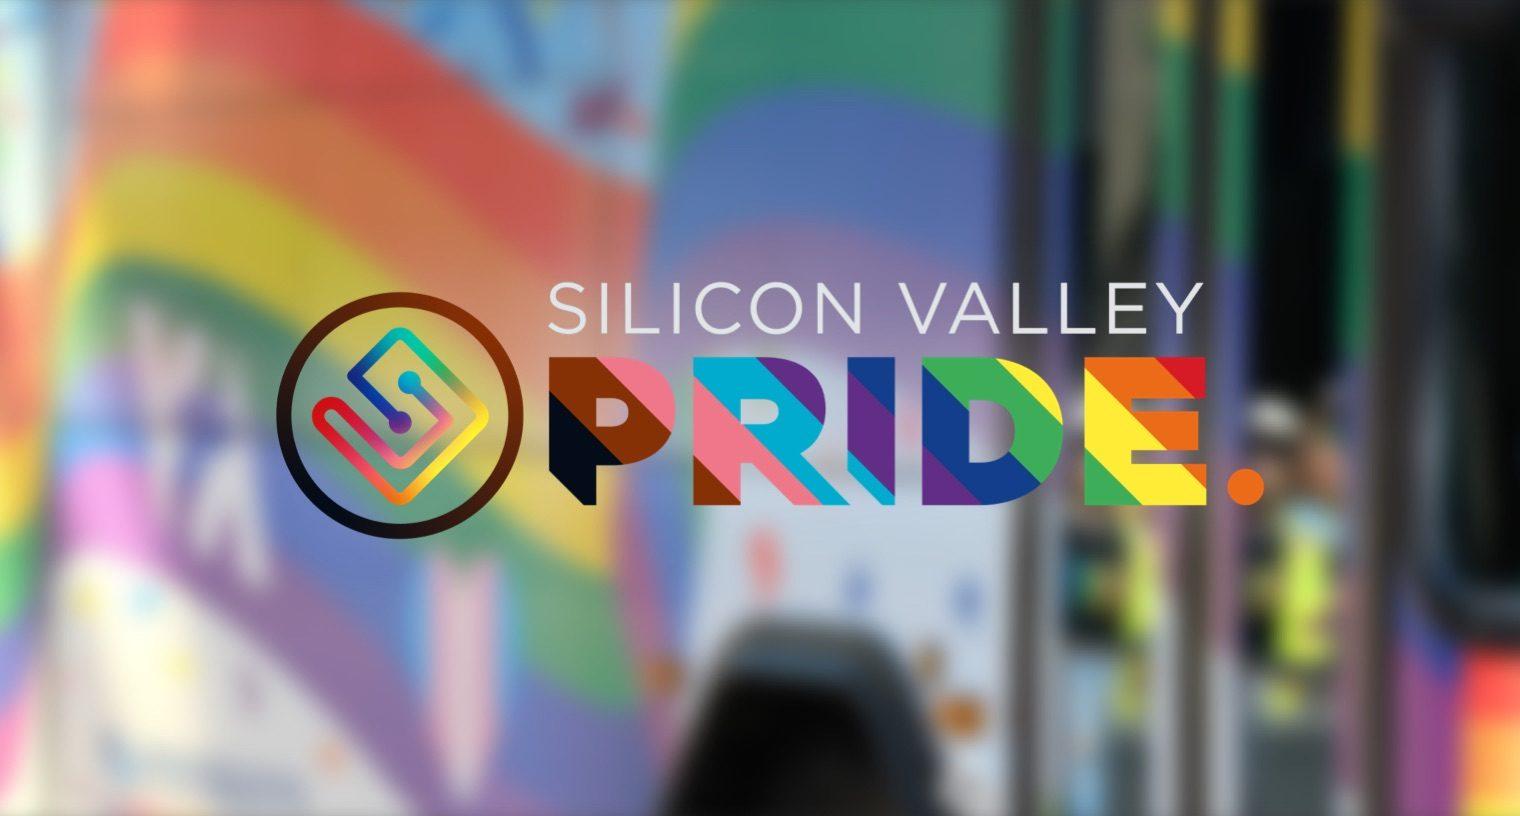 Silicon Valley Pride Parade